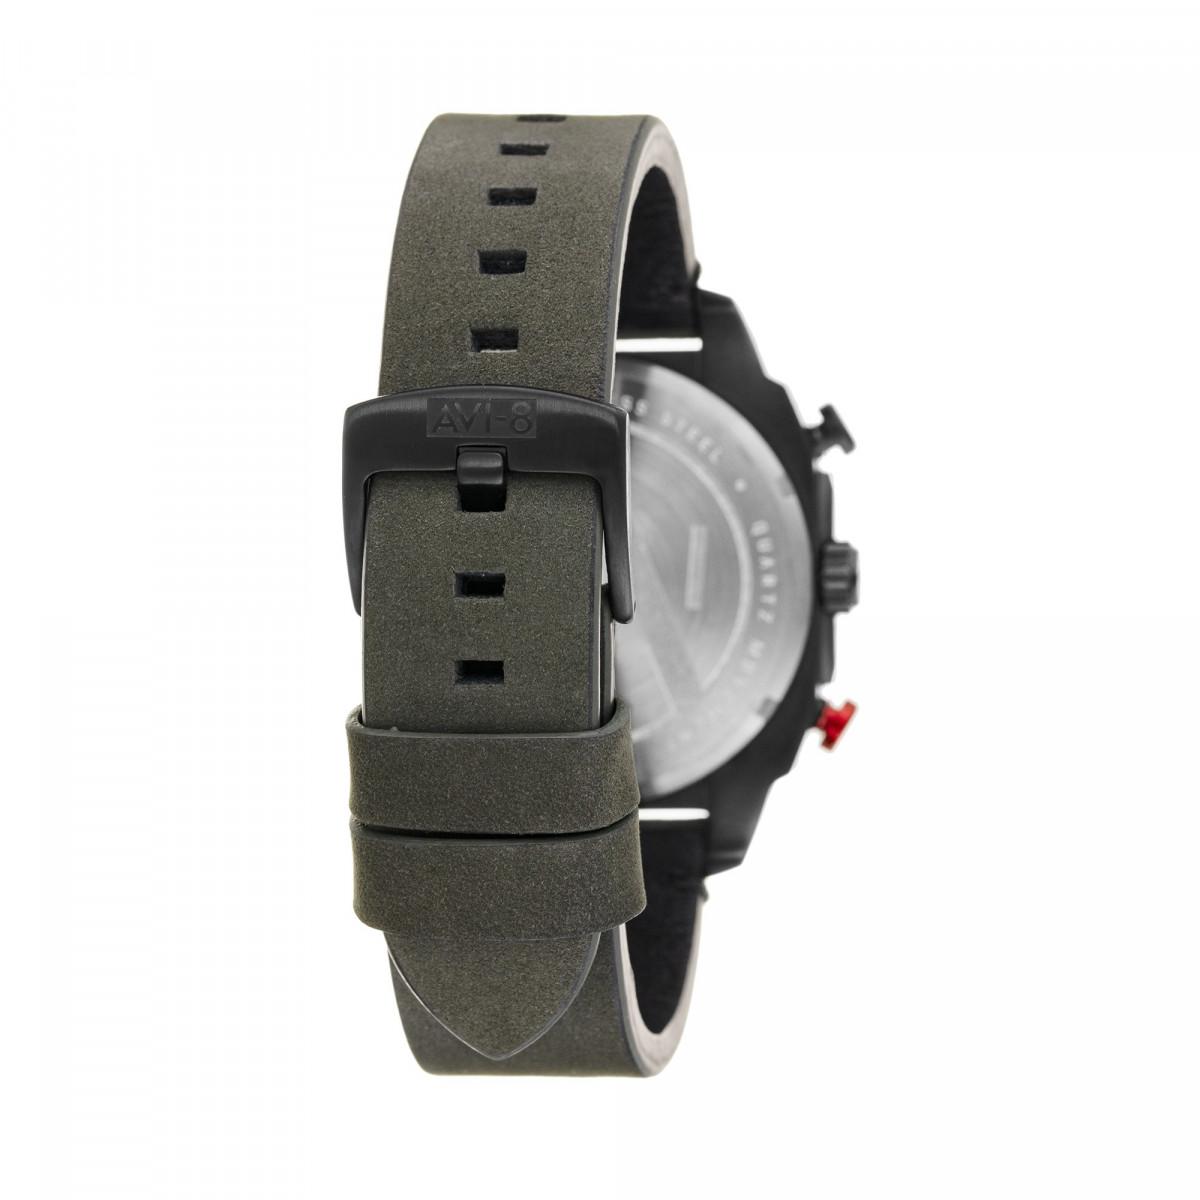 Montre AVI-8 HAWKER HUNTER Quartz Chronograph - AV-4052-08